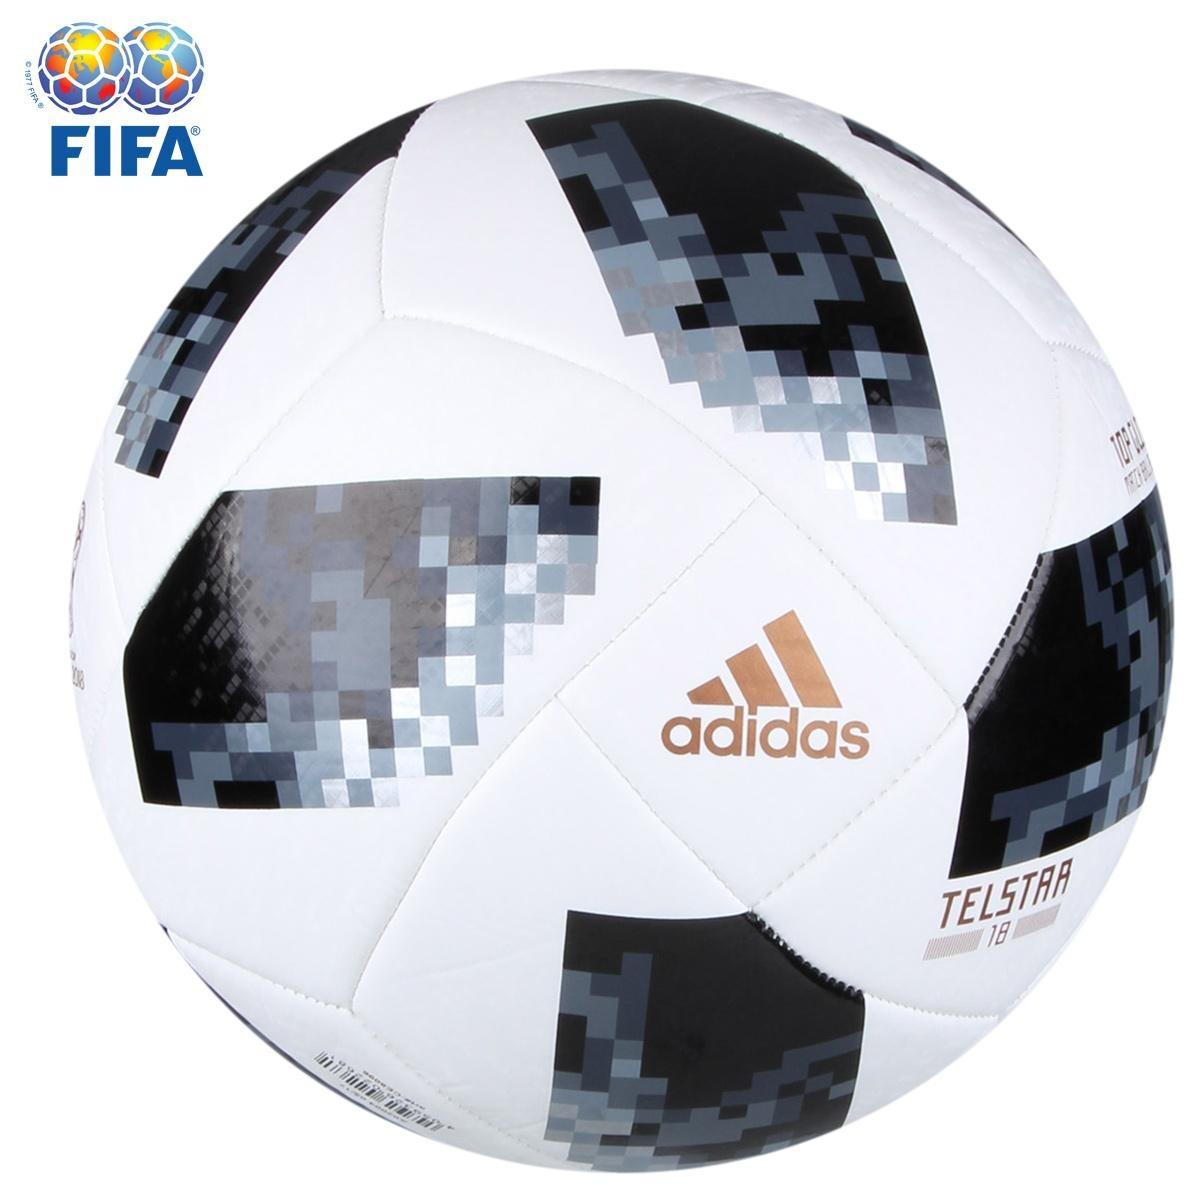 fe404d9206 bola de campo adidas telstar - copa do mundo 2018. Carregando zoom.